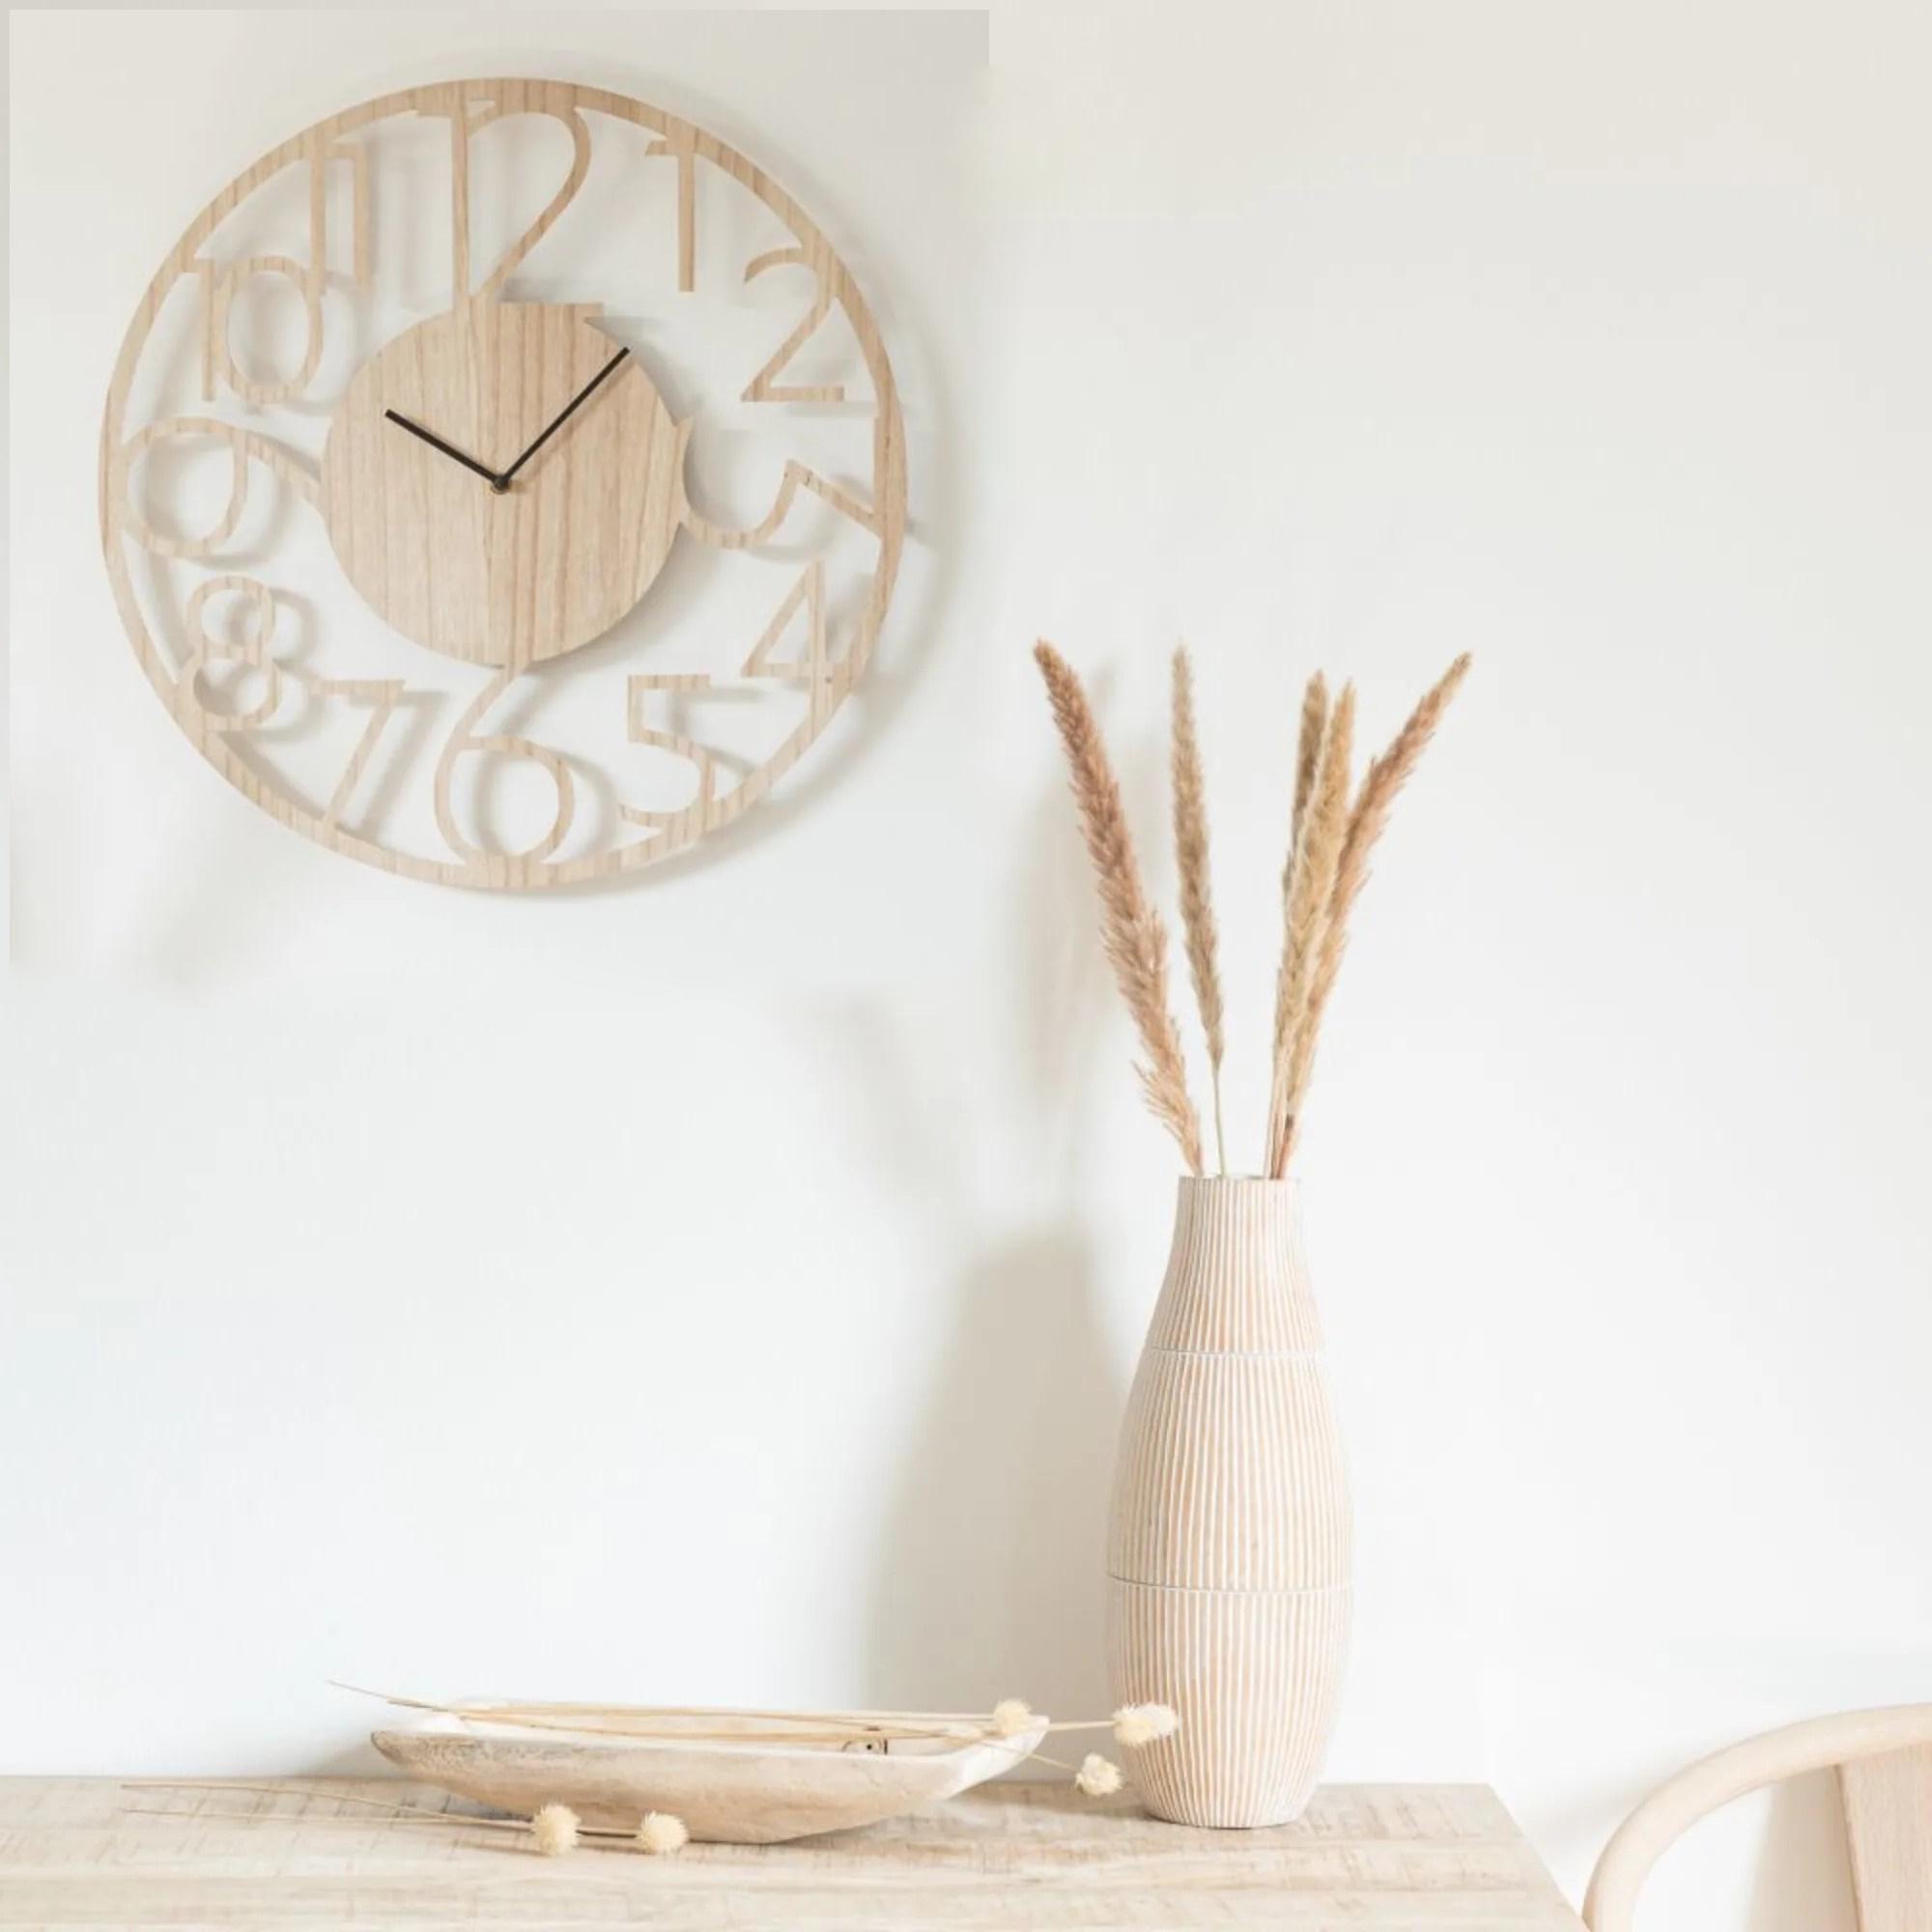 Décoration murale Maison du Monde avec un design d'horloge clair